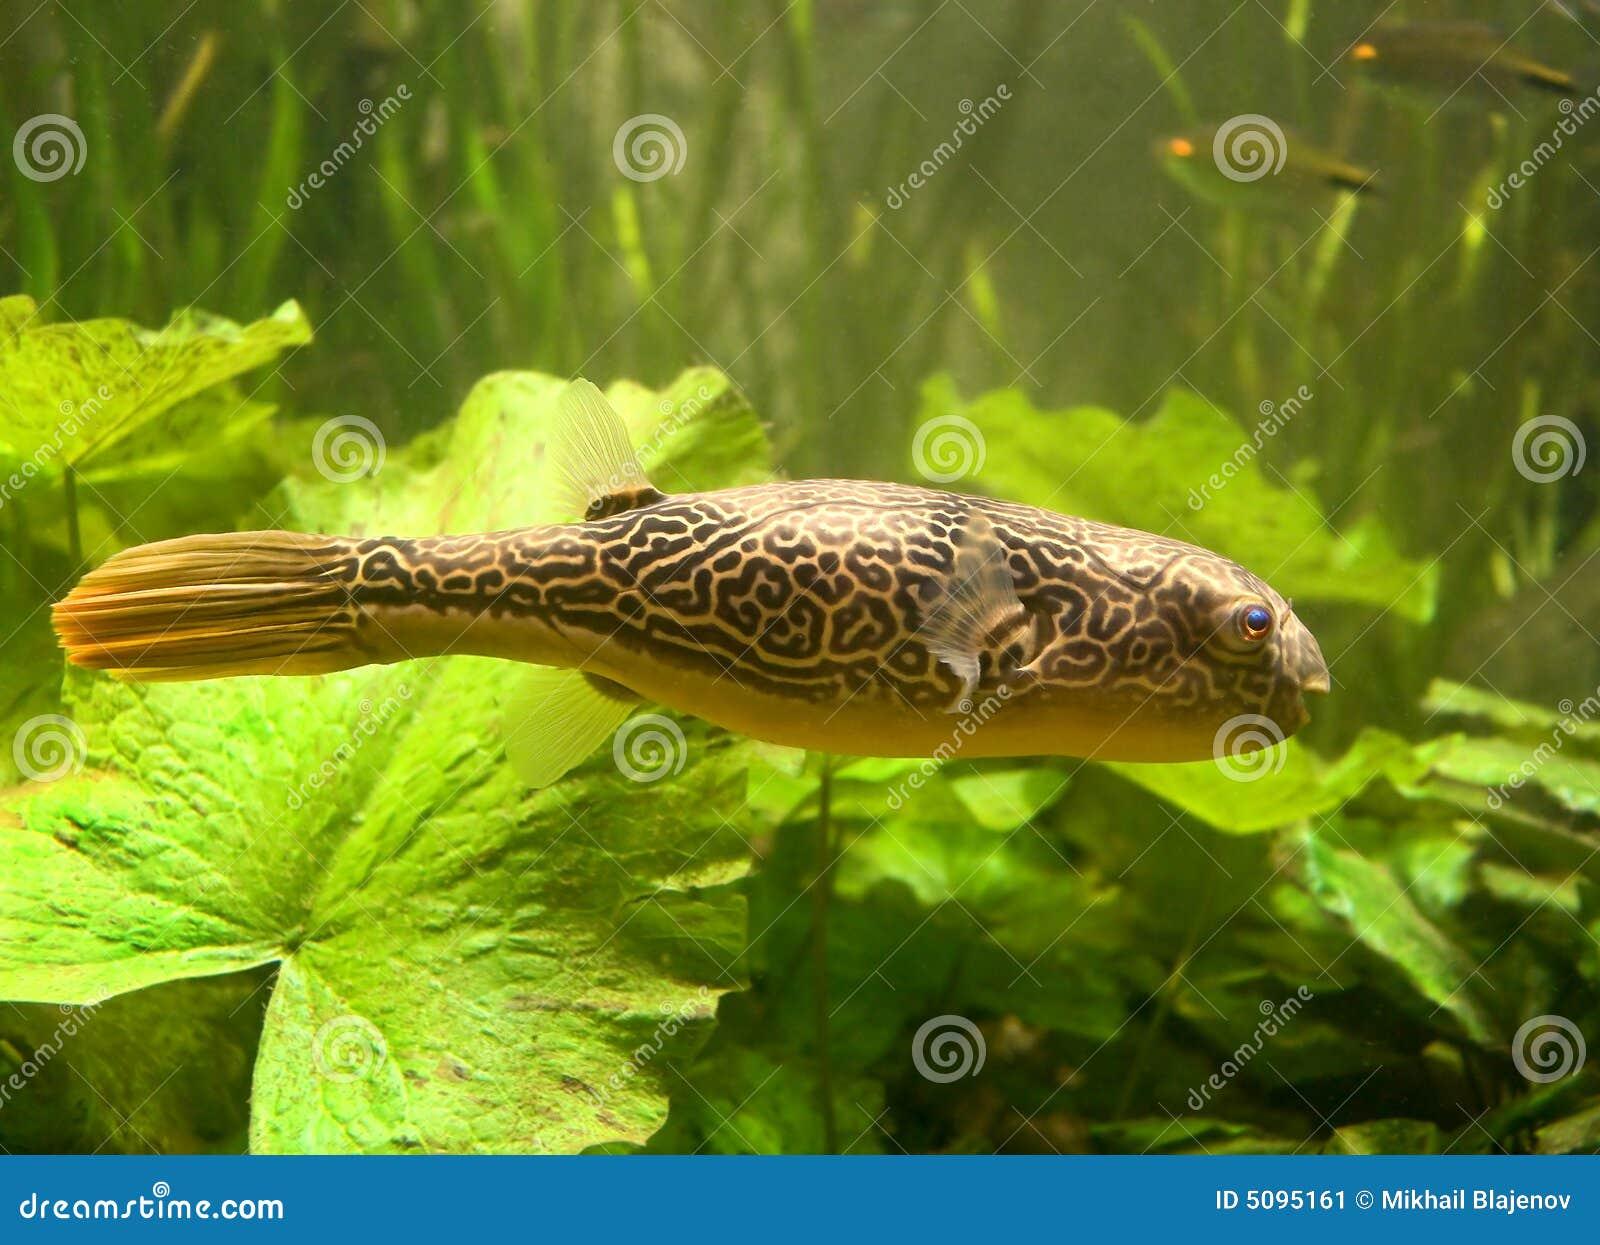 Pesce palla d 39 acqua dolce 1 immagine stock immagine 5095161 for Pesce pulitore acqua dolce